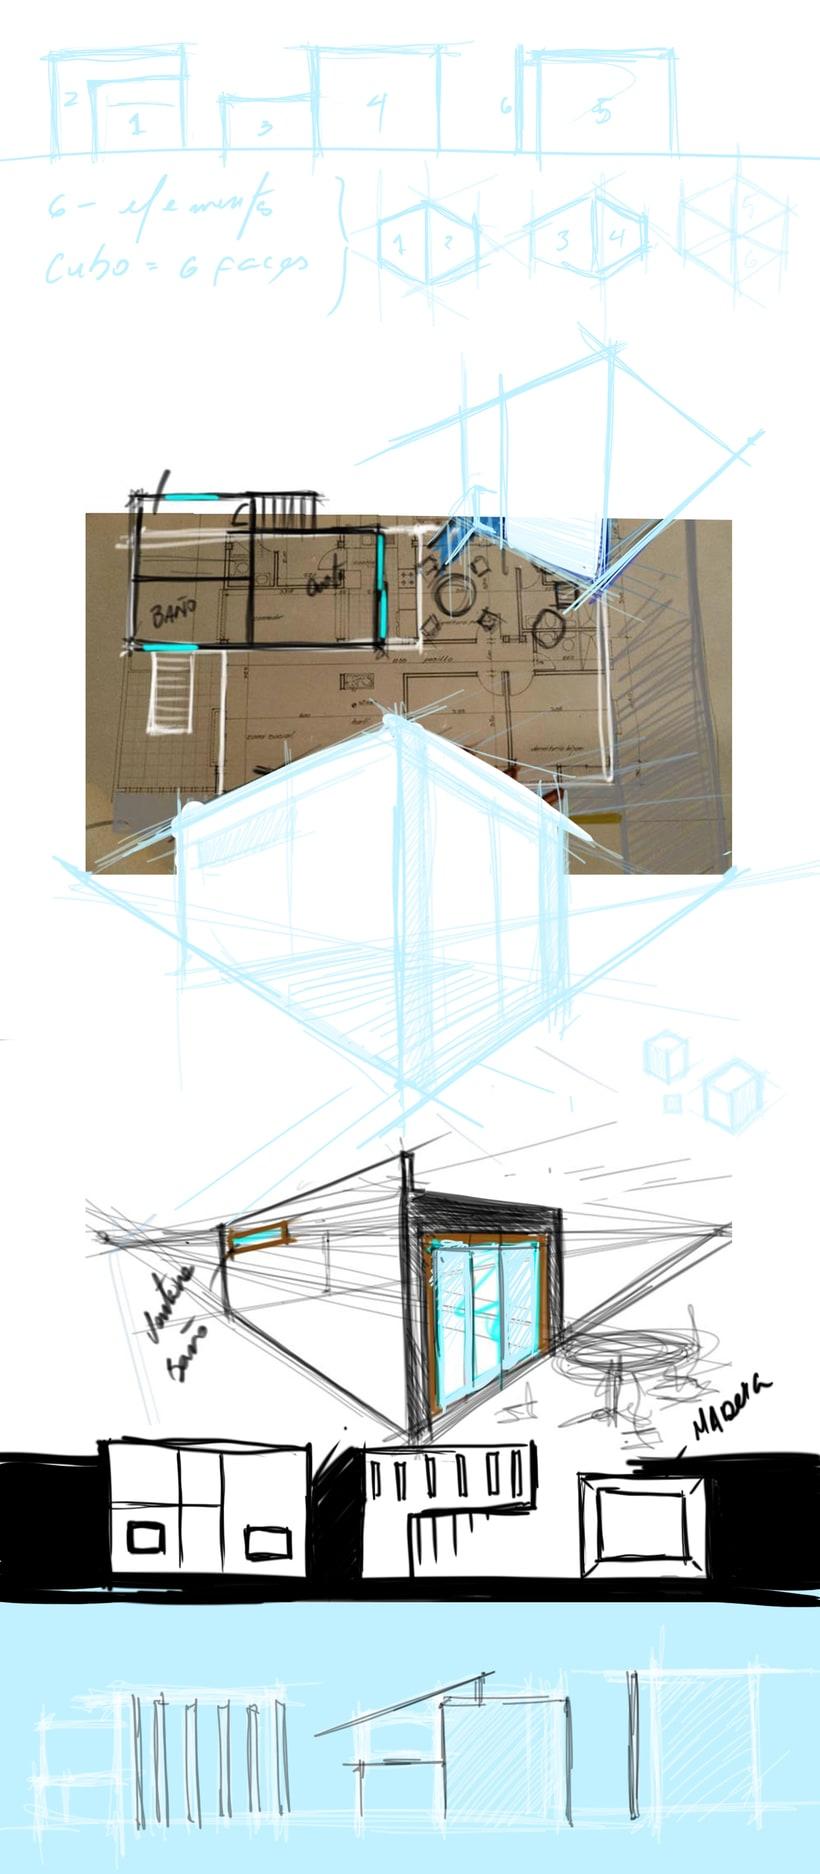 Casa CUbo 2